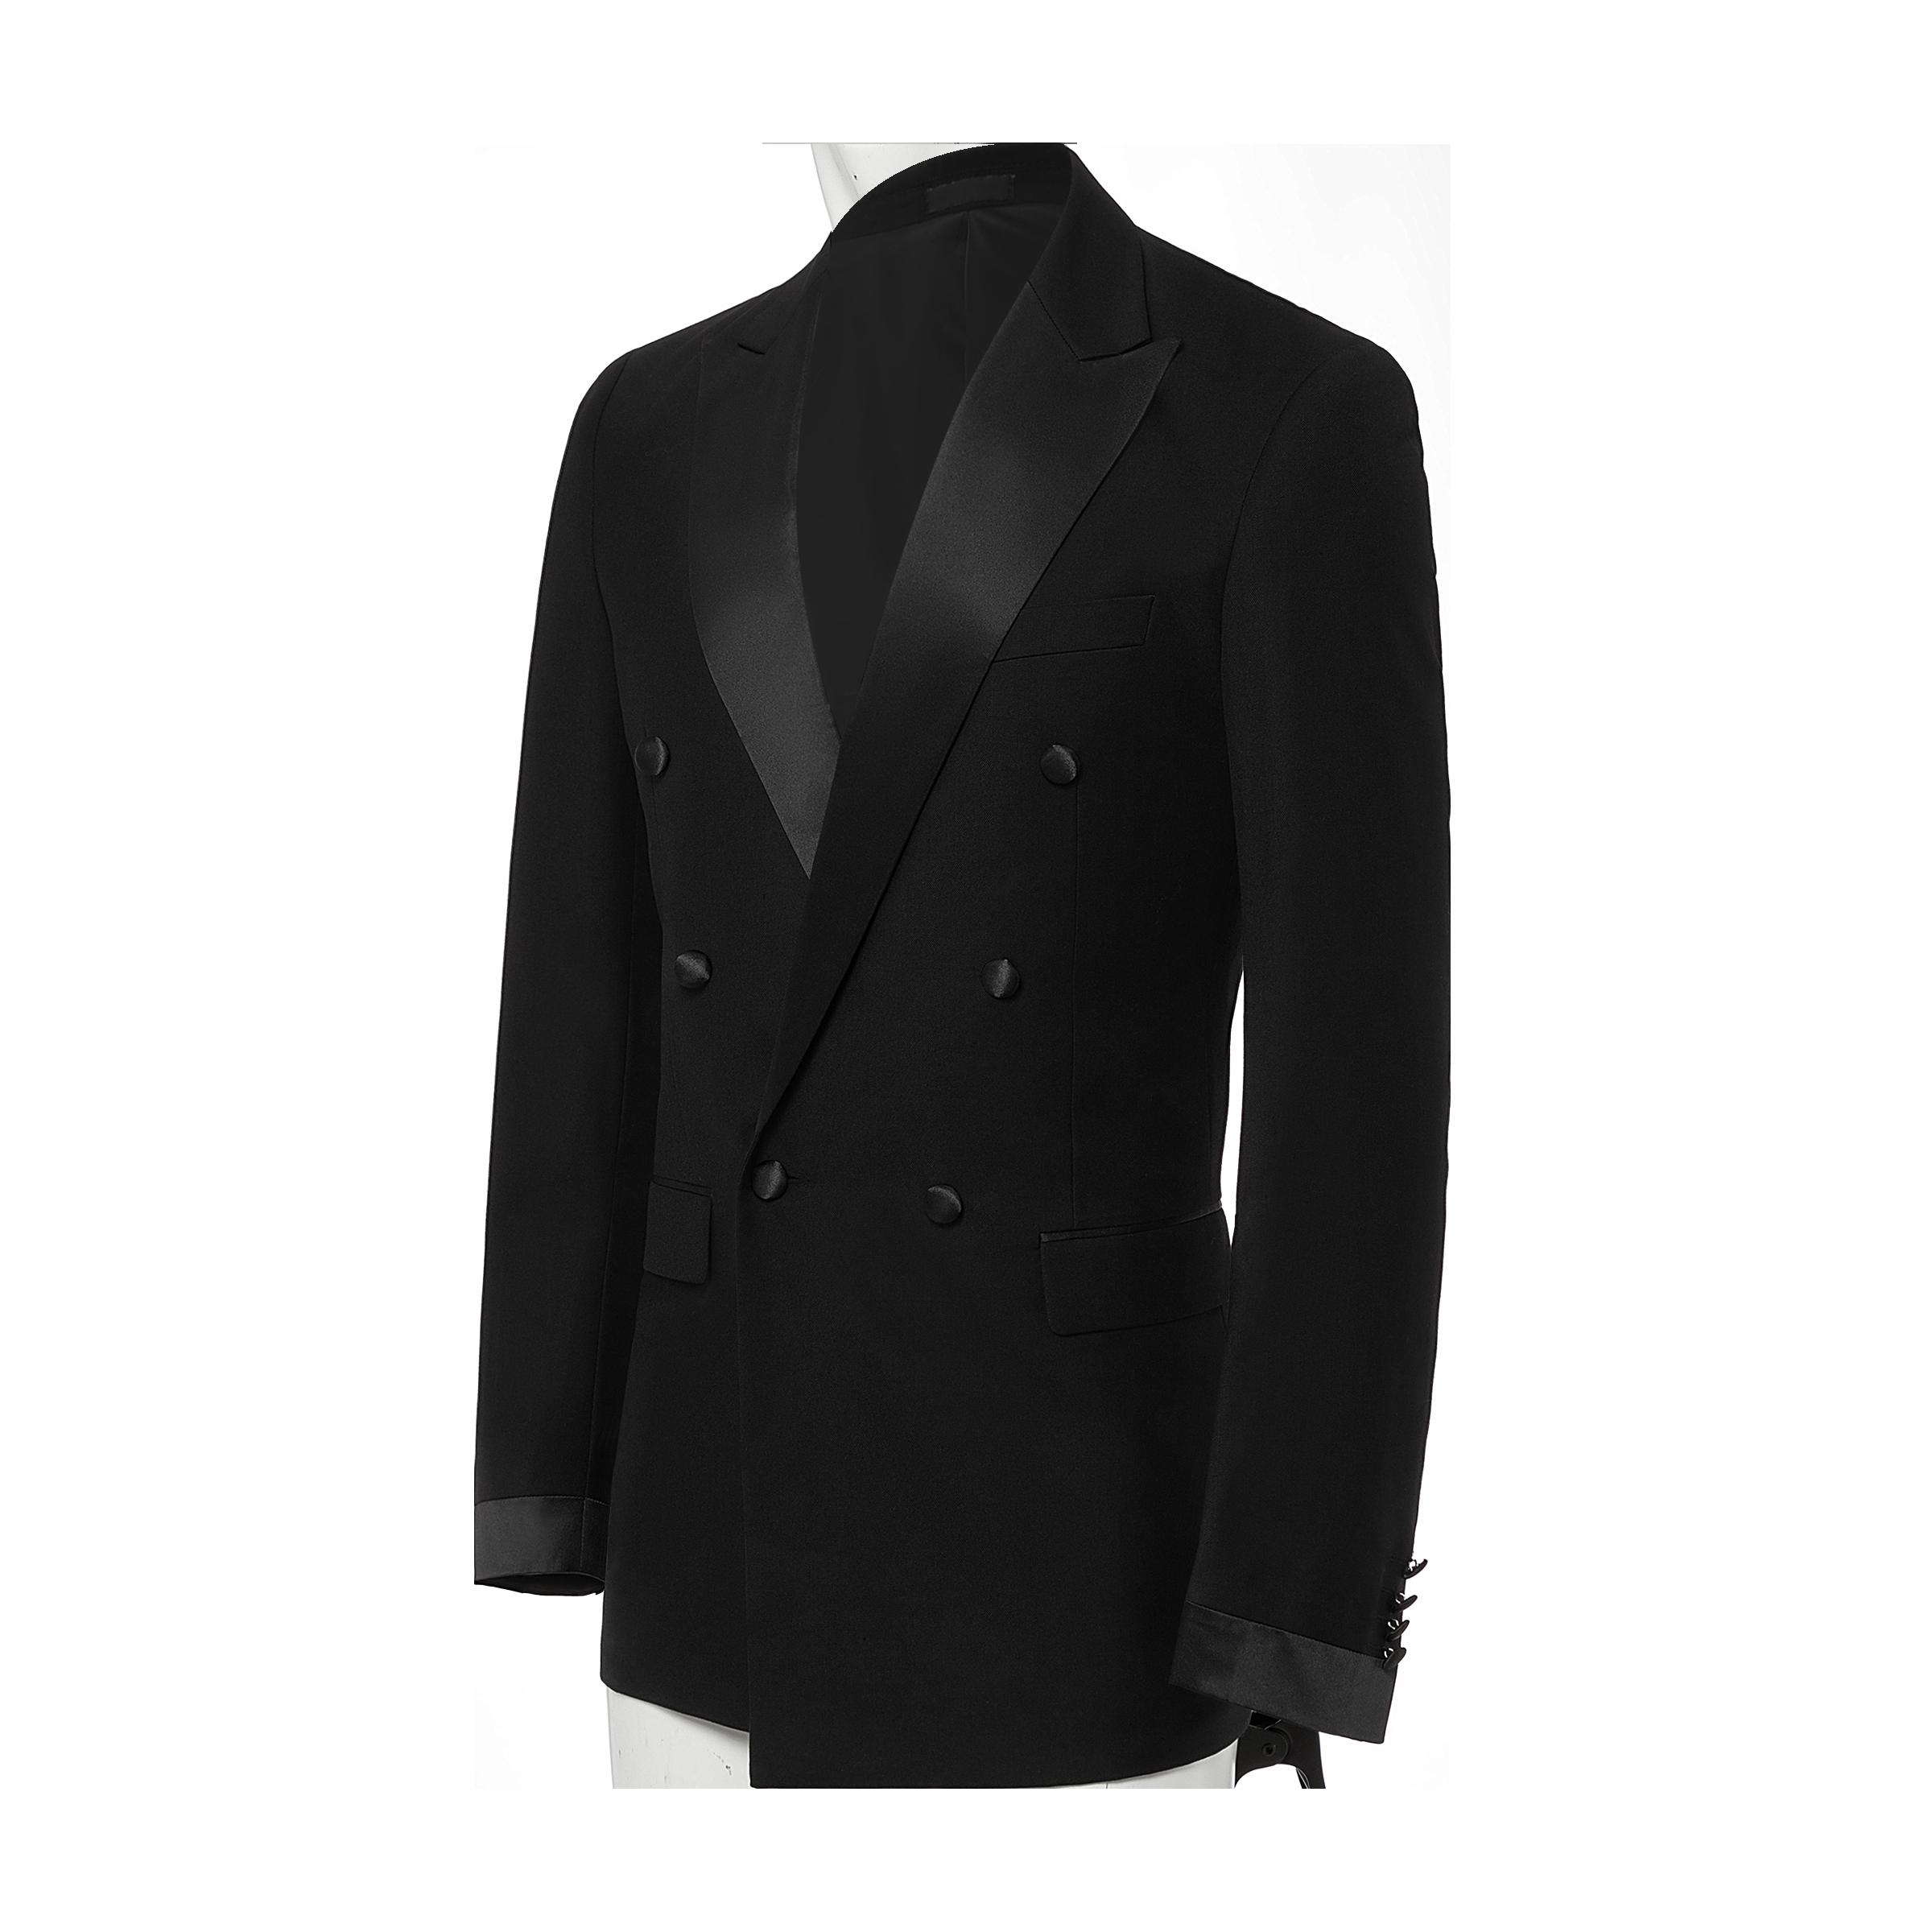 Jackets product image